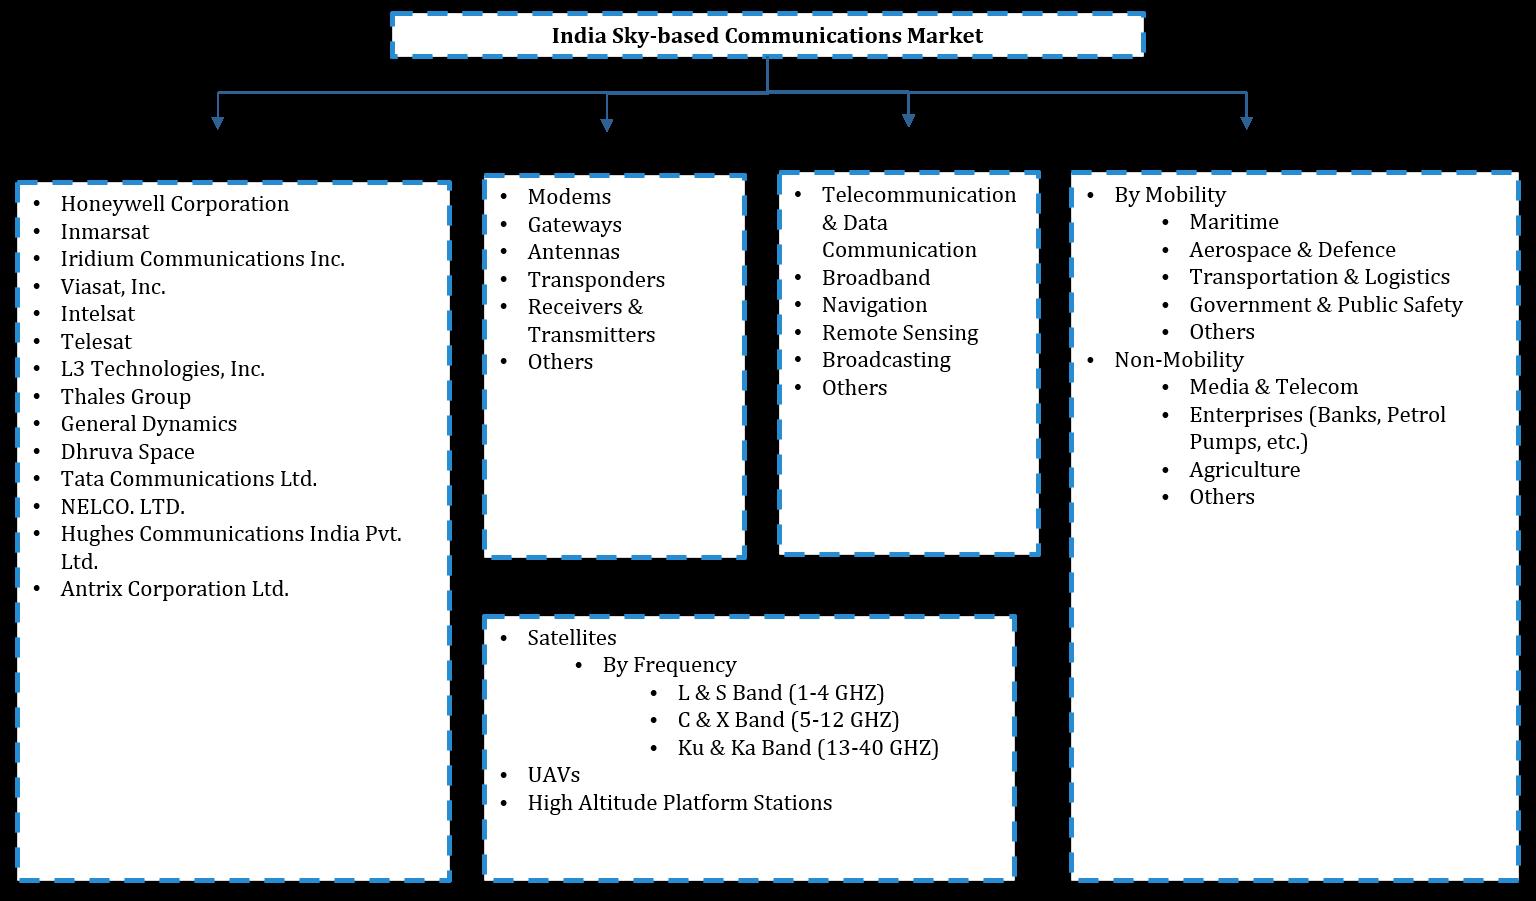 India Sky Based Communication Market Segmentation